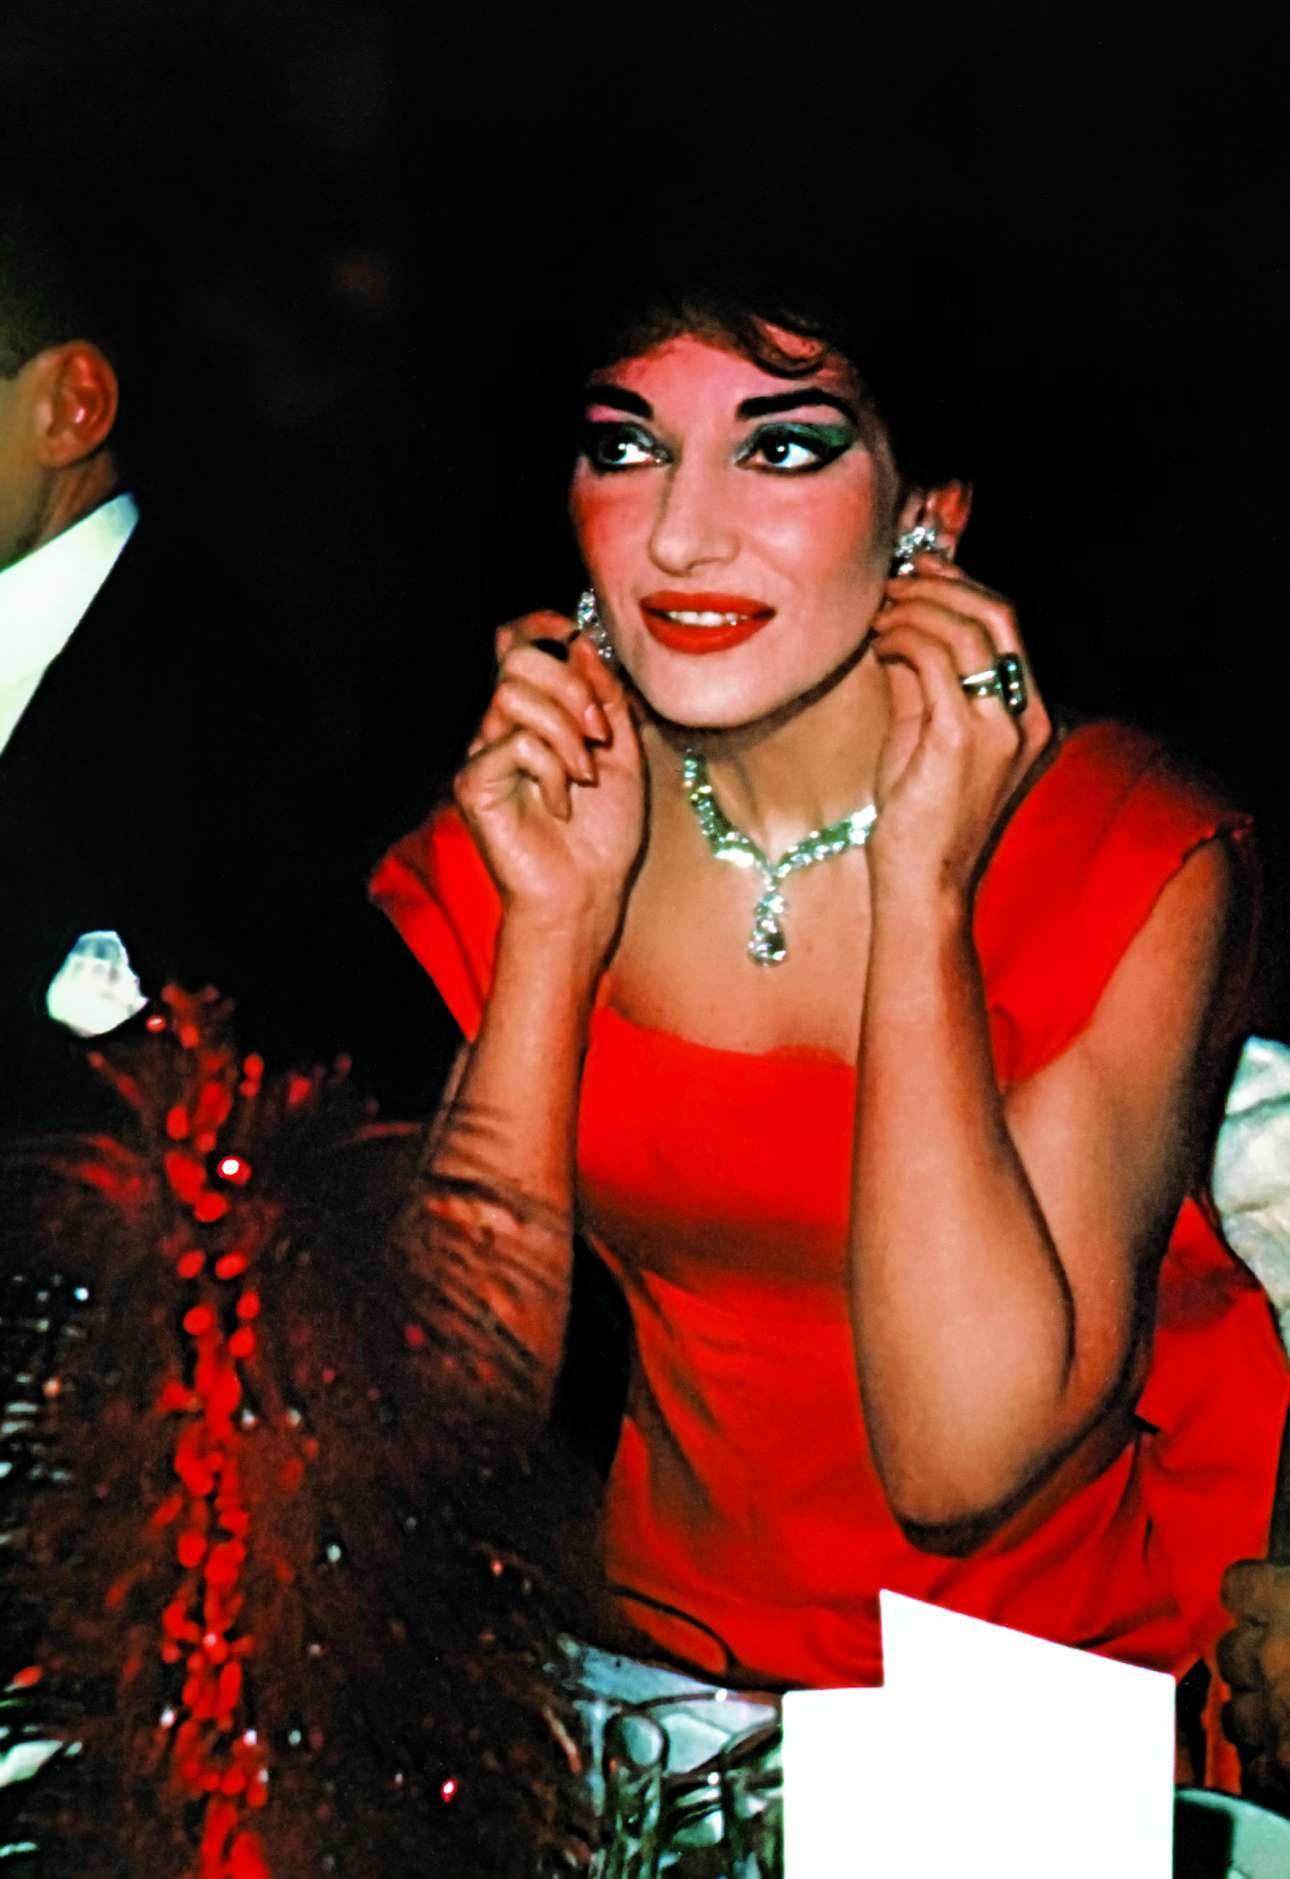 Σε δεξίωση στην Οπερα του Παρισιού, φορώντας εντυπωσιακά κοσμήματα Van Cleef & Arpels, 1958